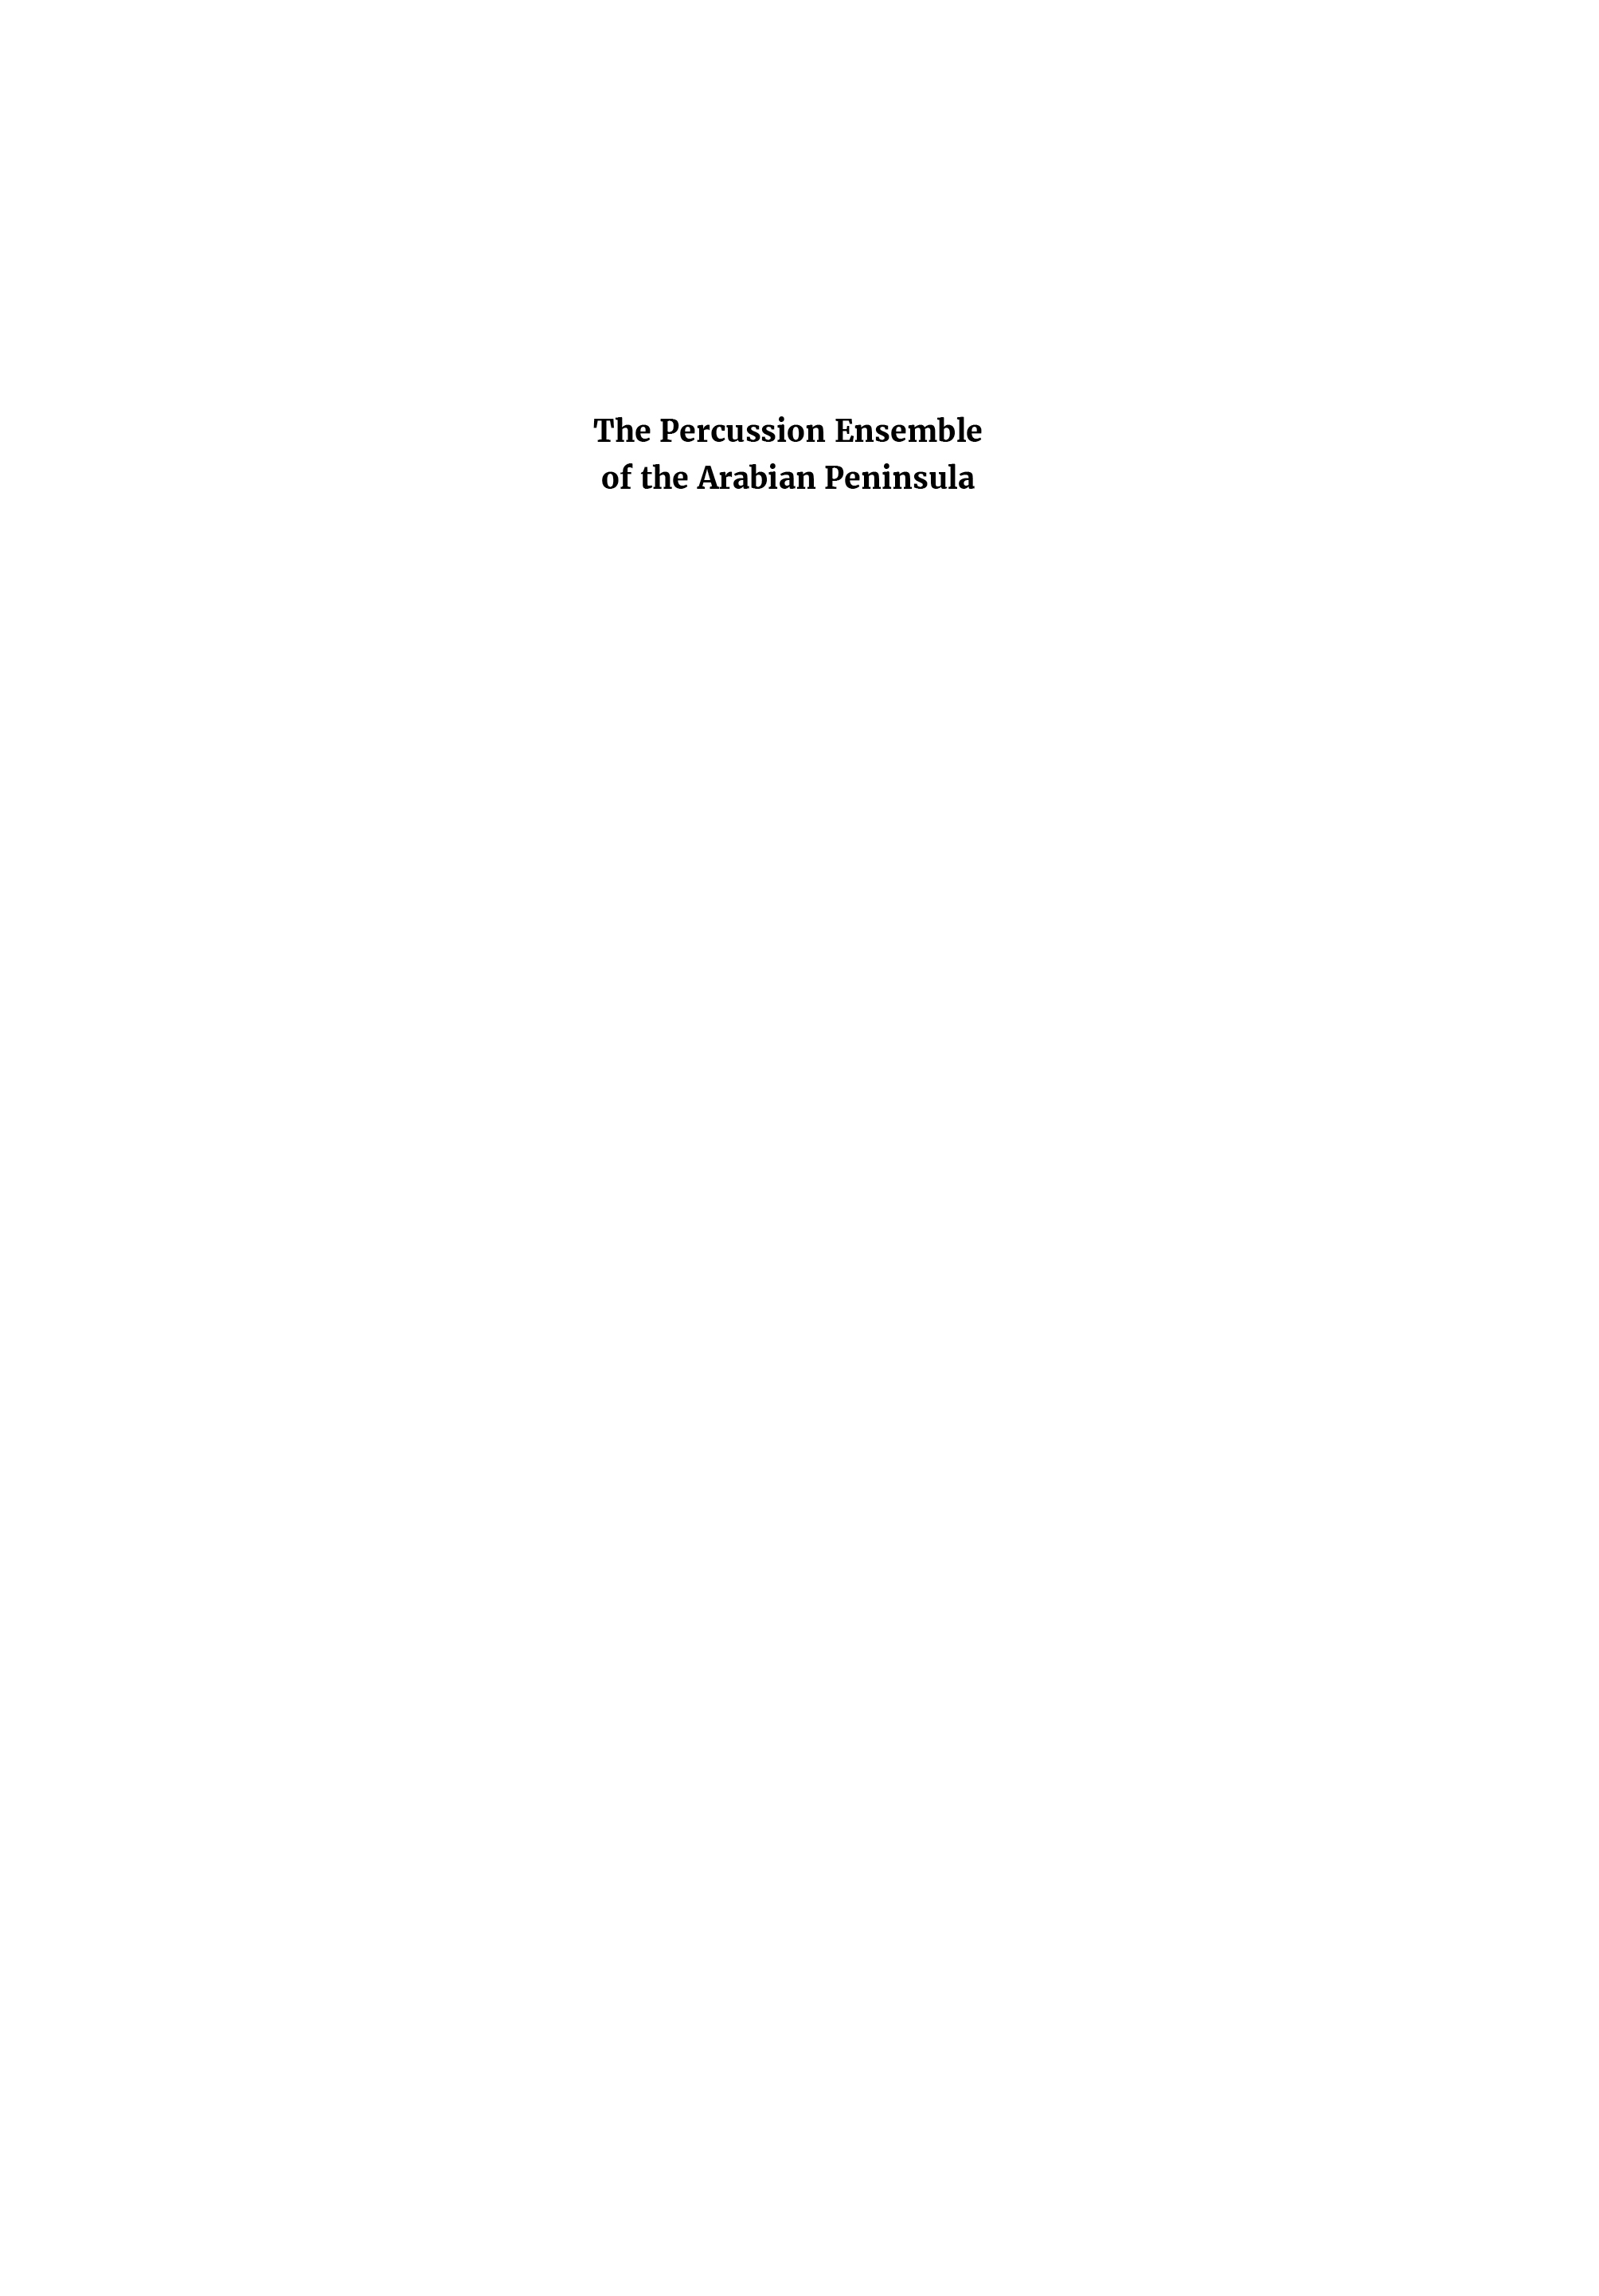 PEAP-EBook-170415-01.jpg